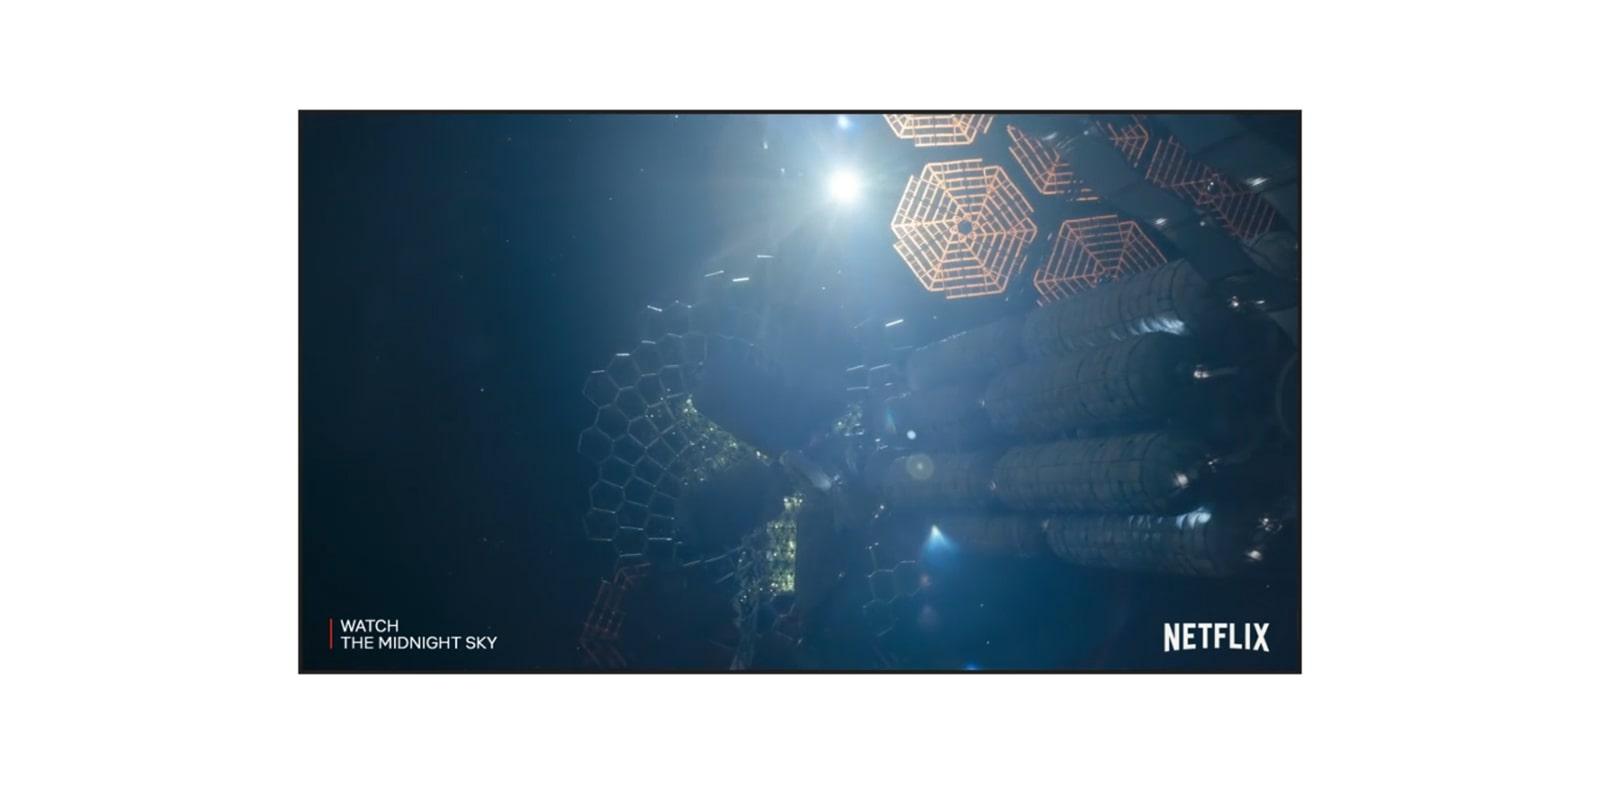 Μια οθόνη τηλεόρασης που δείχνει το τρέιλερ της ταινίας